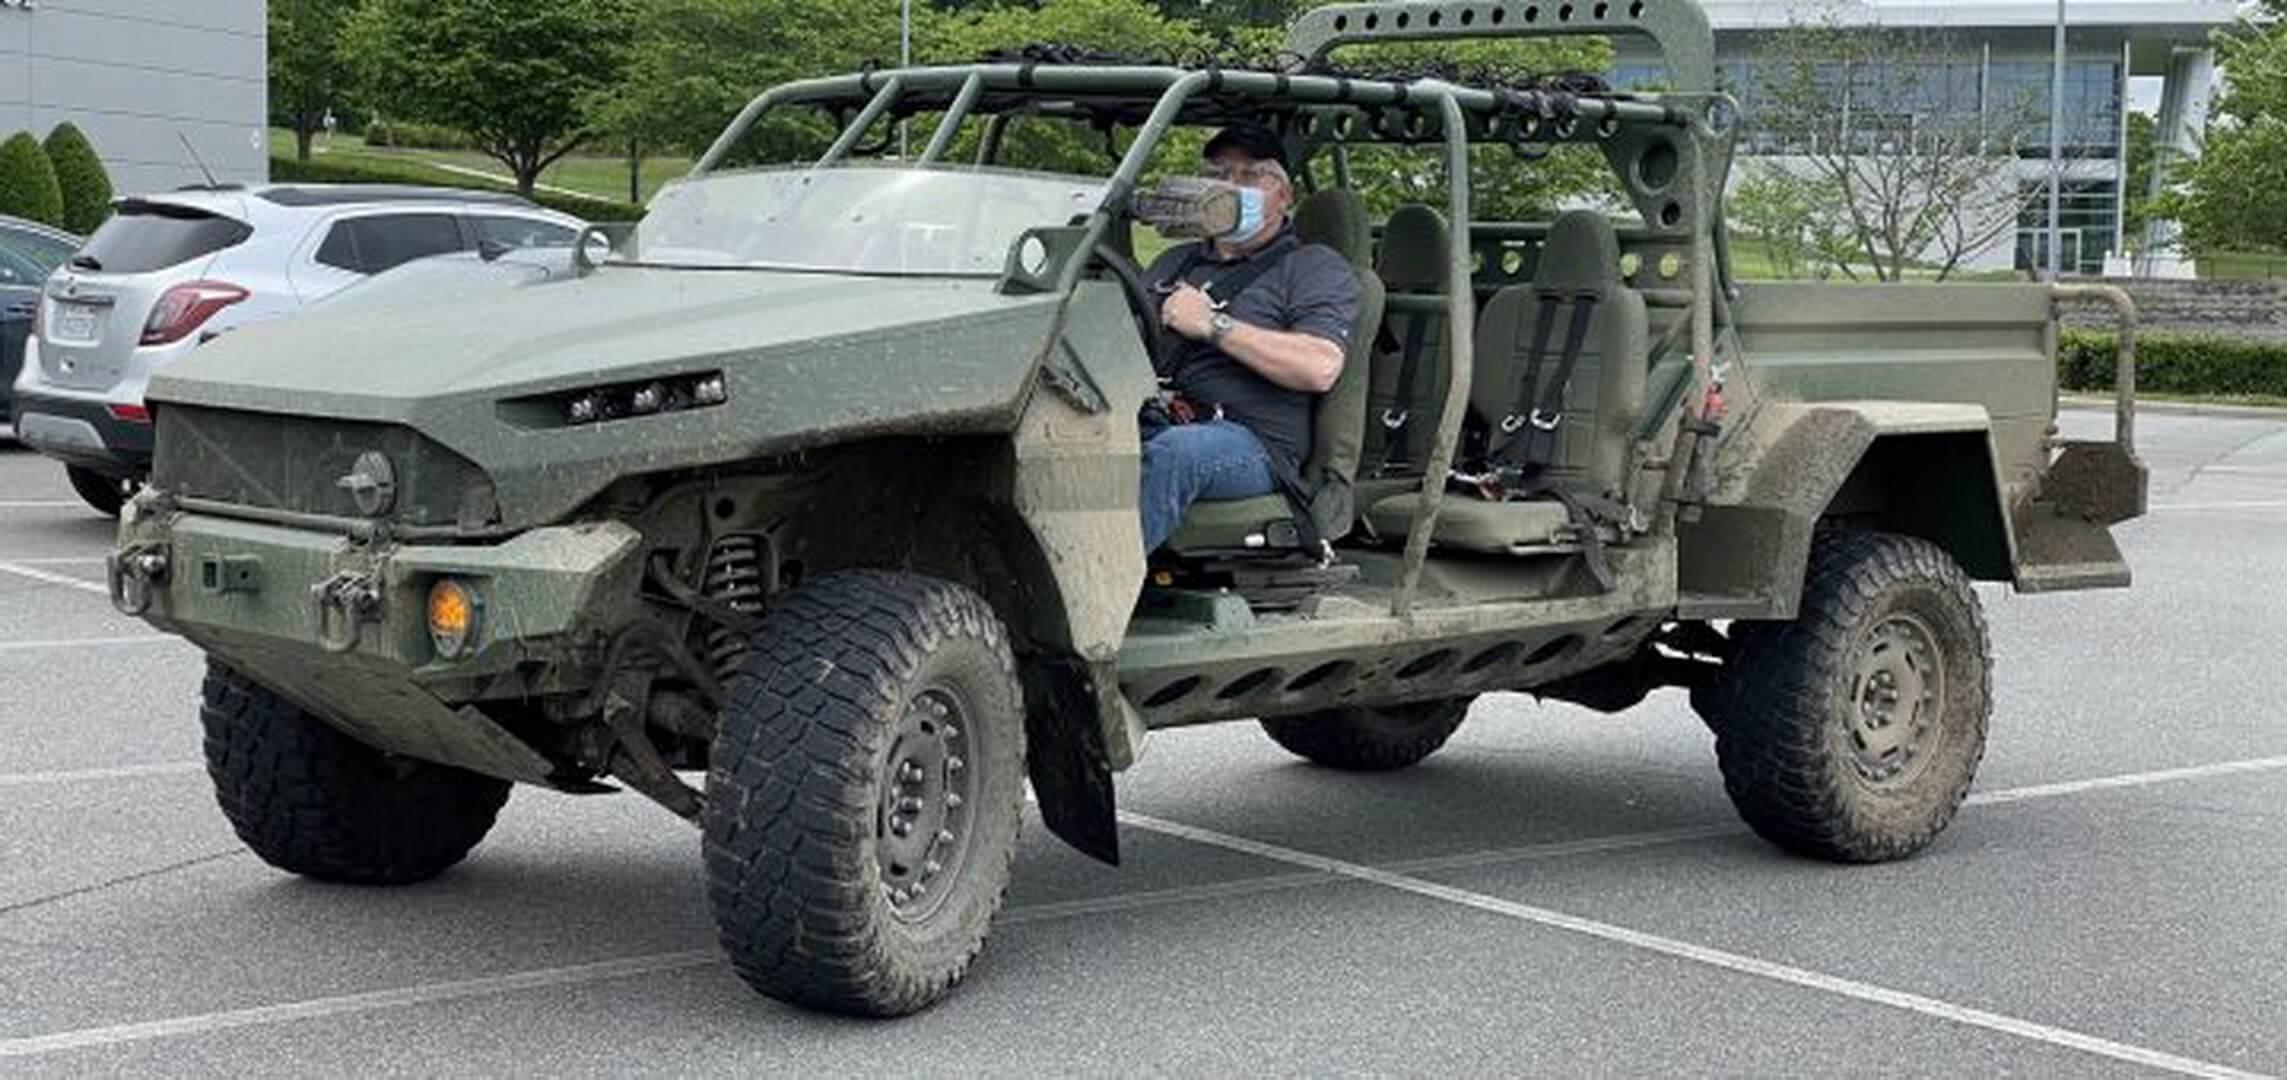 GM создала электрический пикап на базе военного бронетранспортера